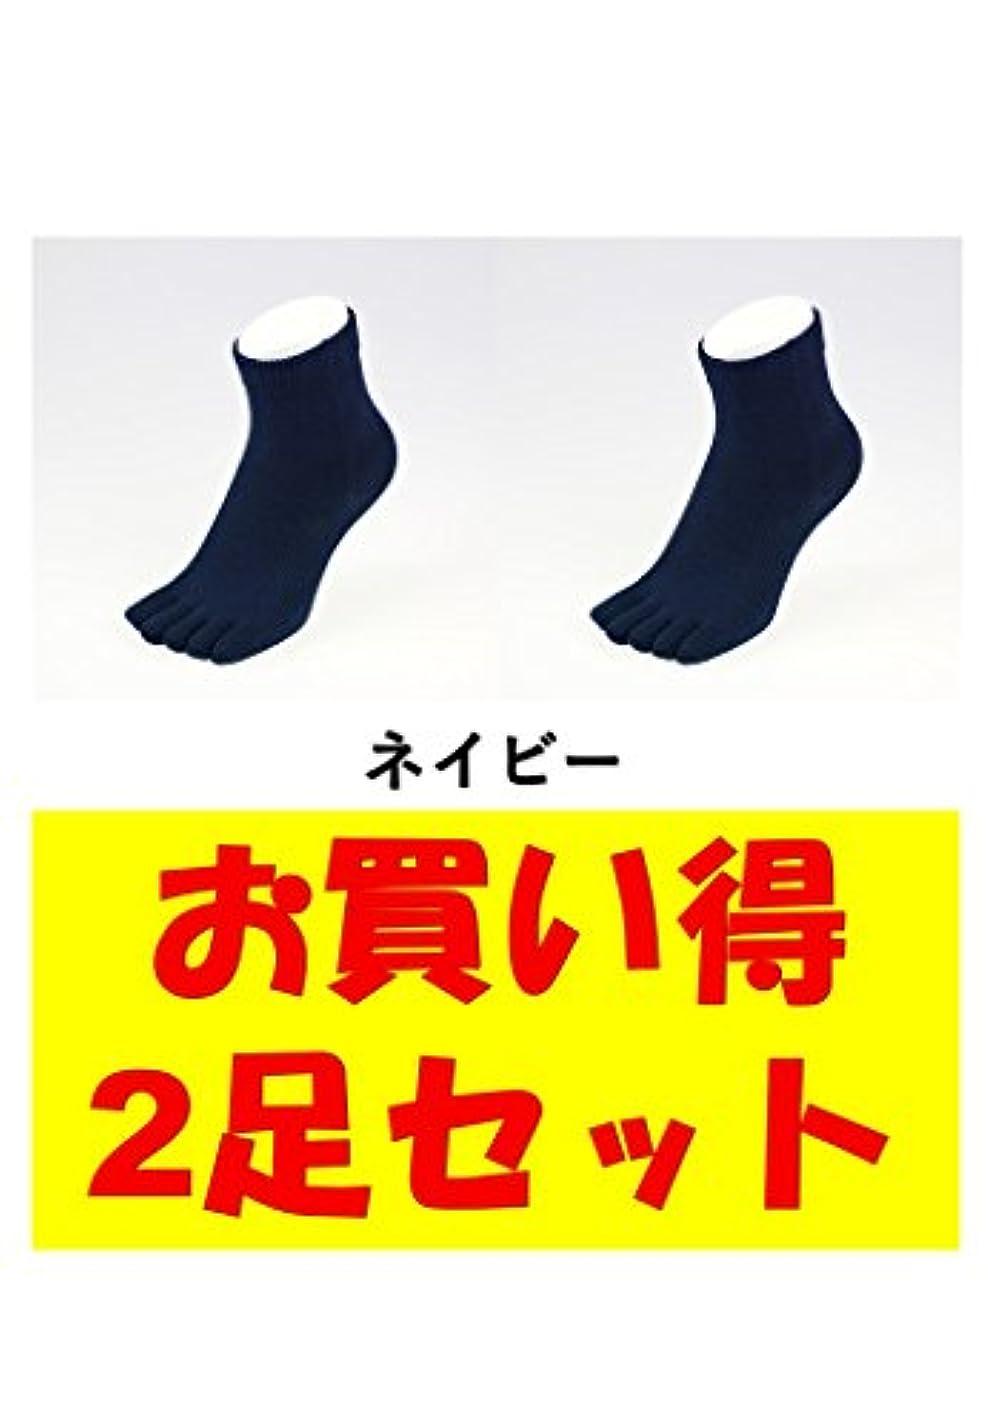 入射発疹チェスお買い得2足セット 5本指 ゆびのばソックス Neo EVE(イヴ) ネイビー Sサイズ(21.0cm - 24.0cm) YSNEVE-NVY